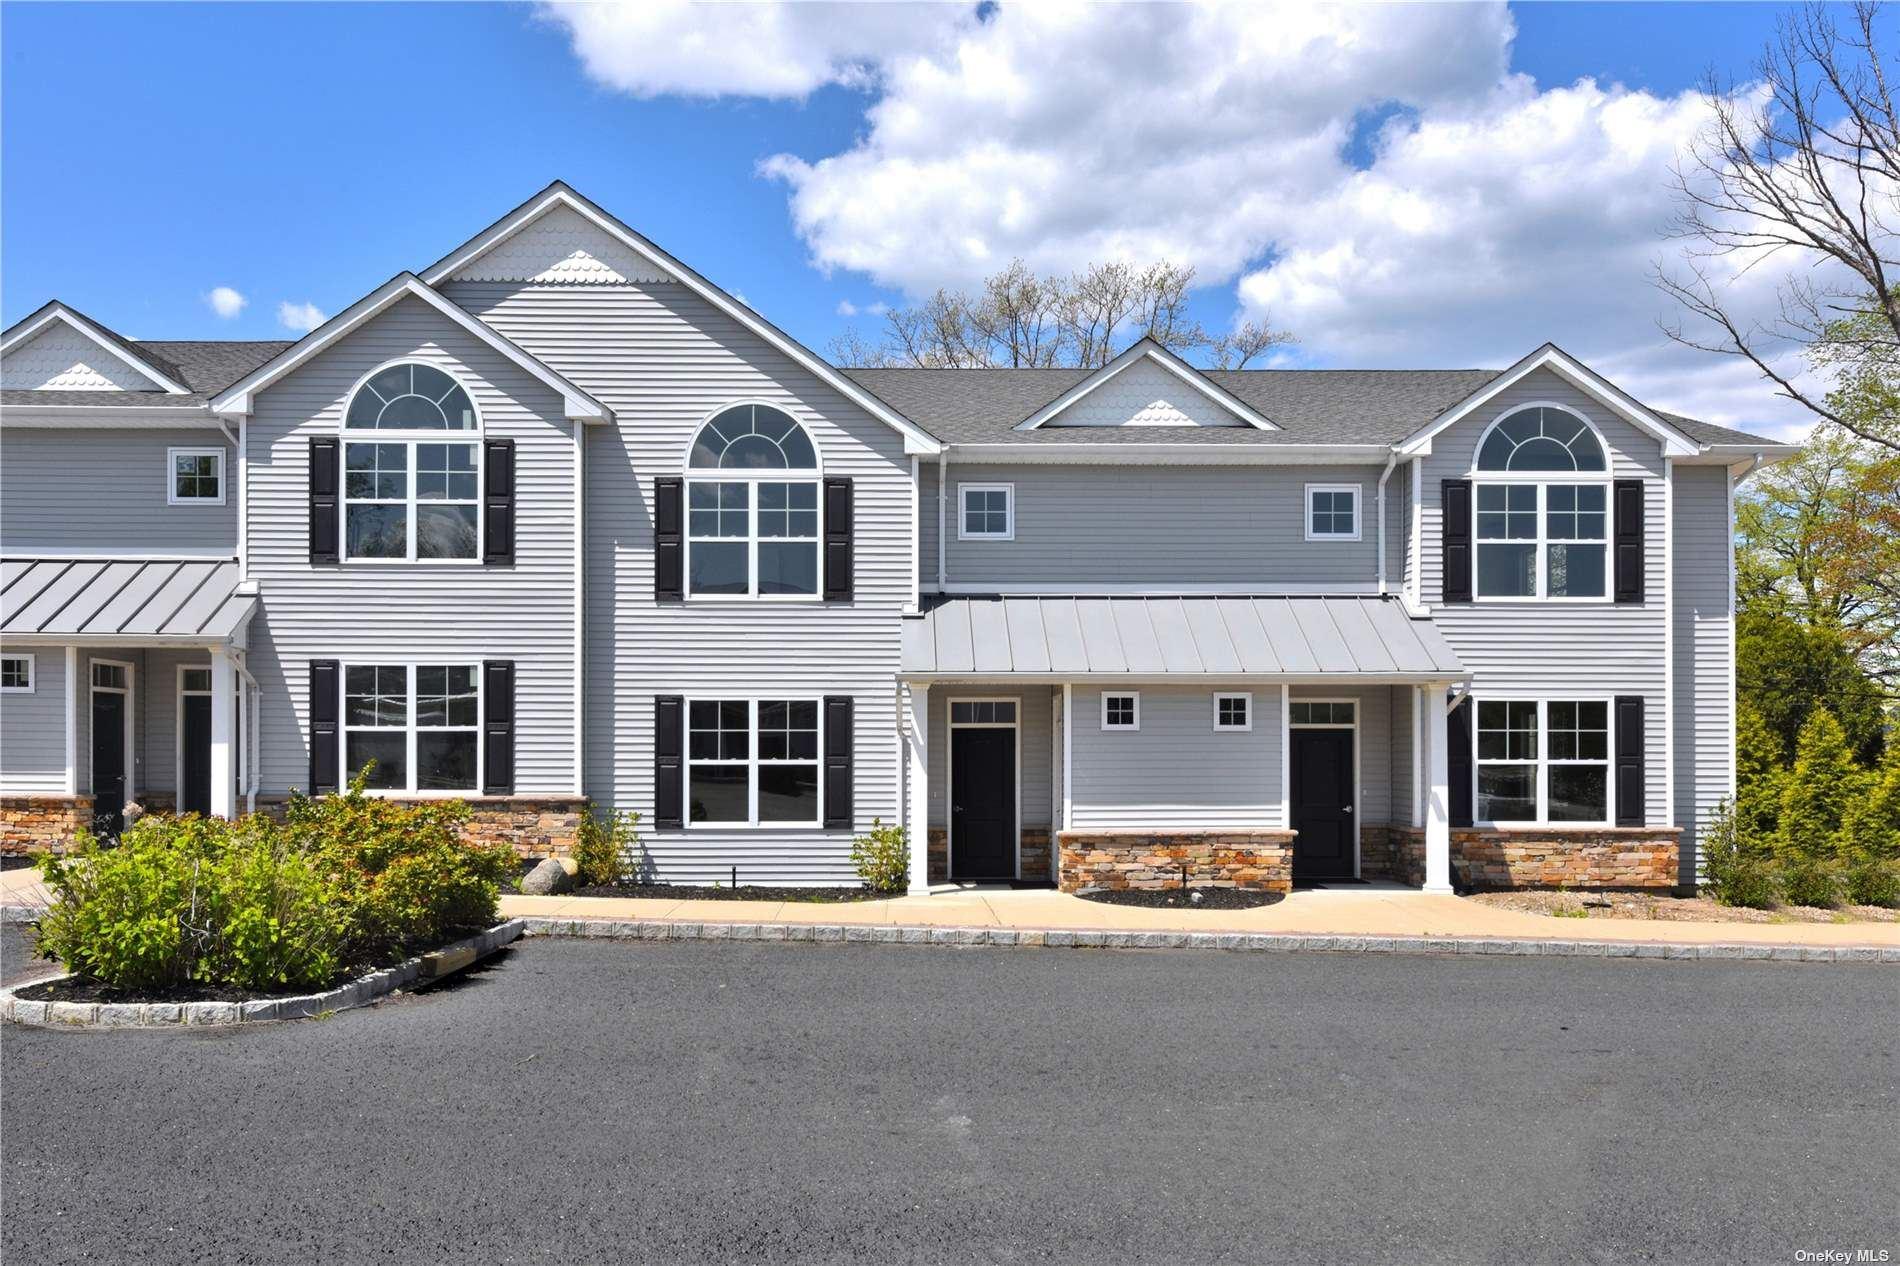 505 Breton Way, Glen Cove, NY 11542 - MLS#: 3309676